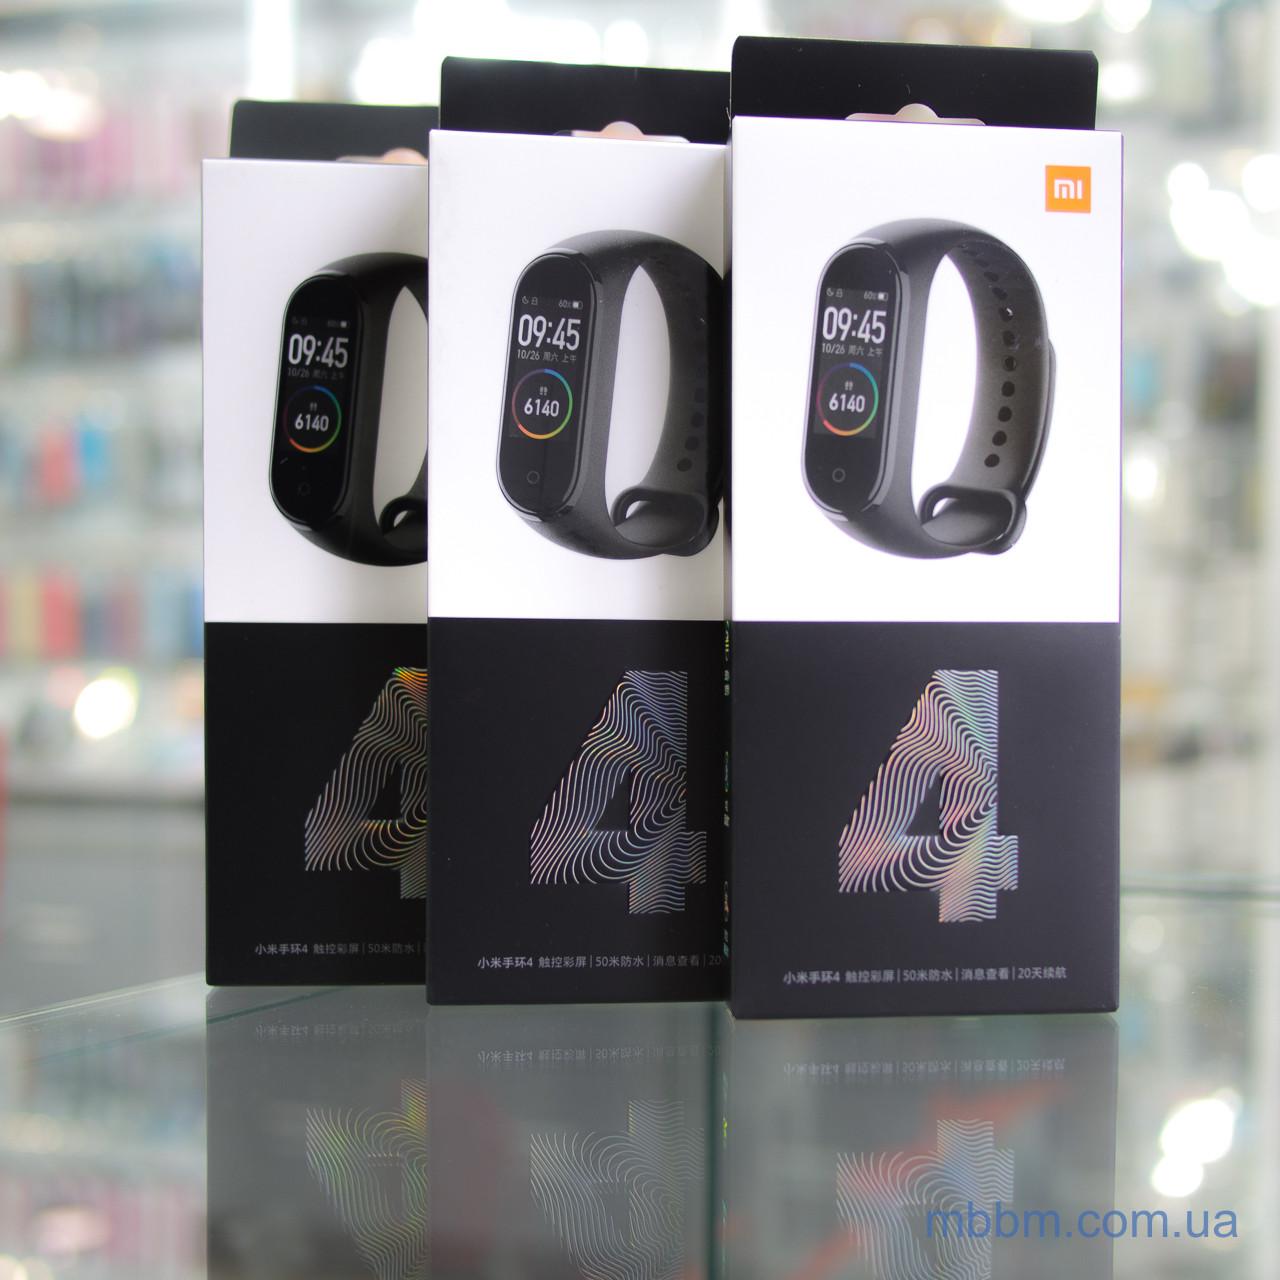 Фитнес-браслет Xiaomi Mi Band 4 Оригинал! Умные браслеты Android Bluetooth Пульсометр Будильник